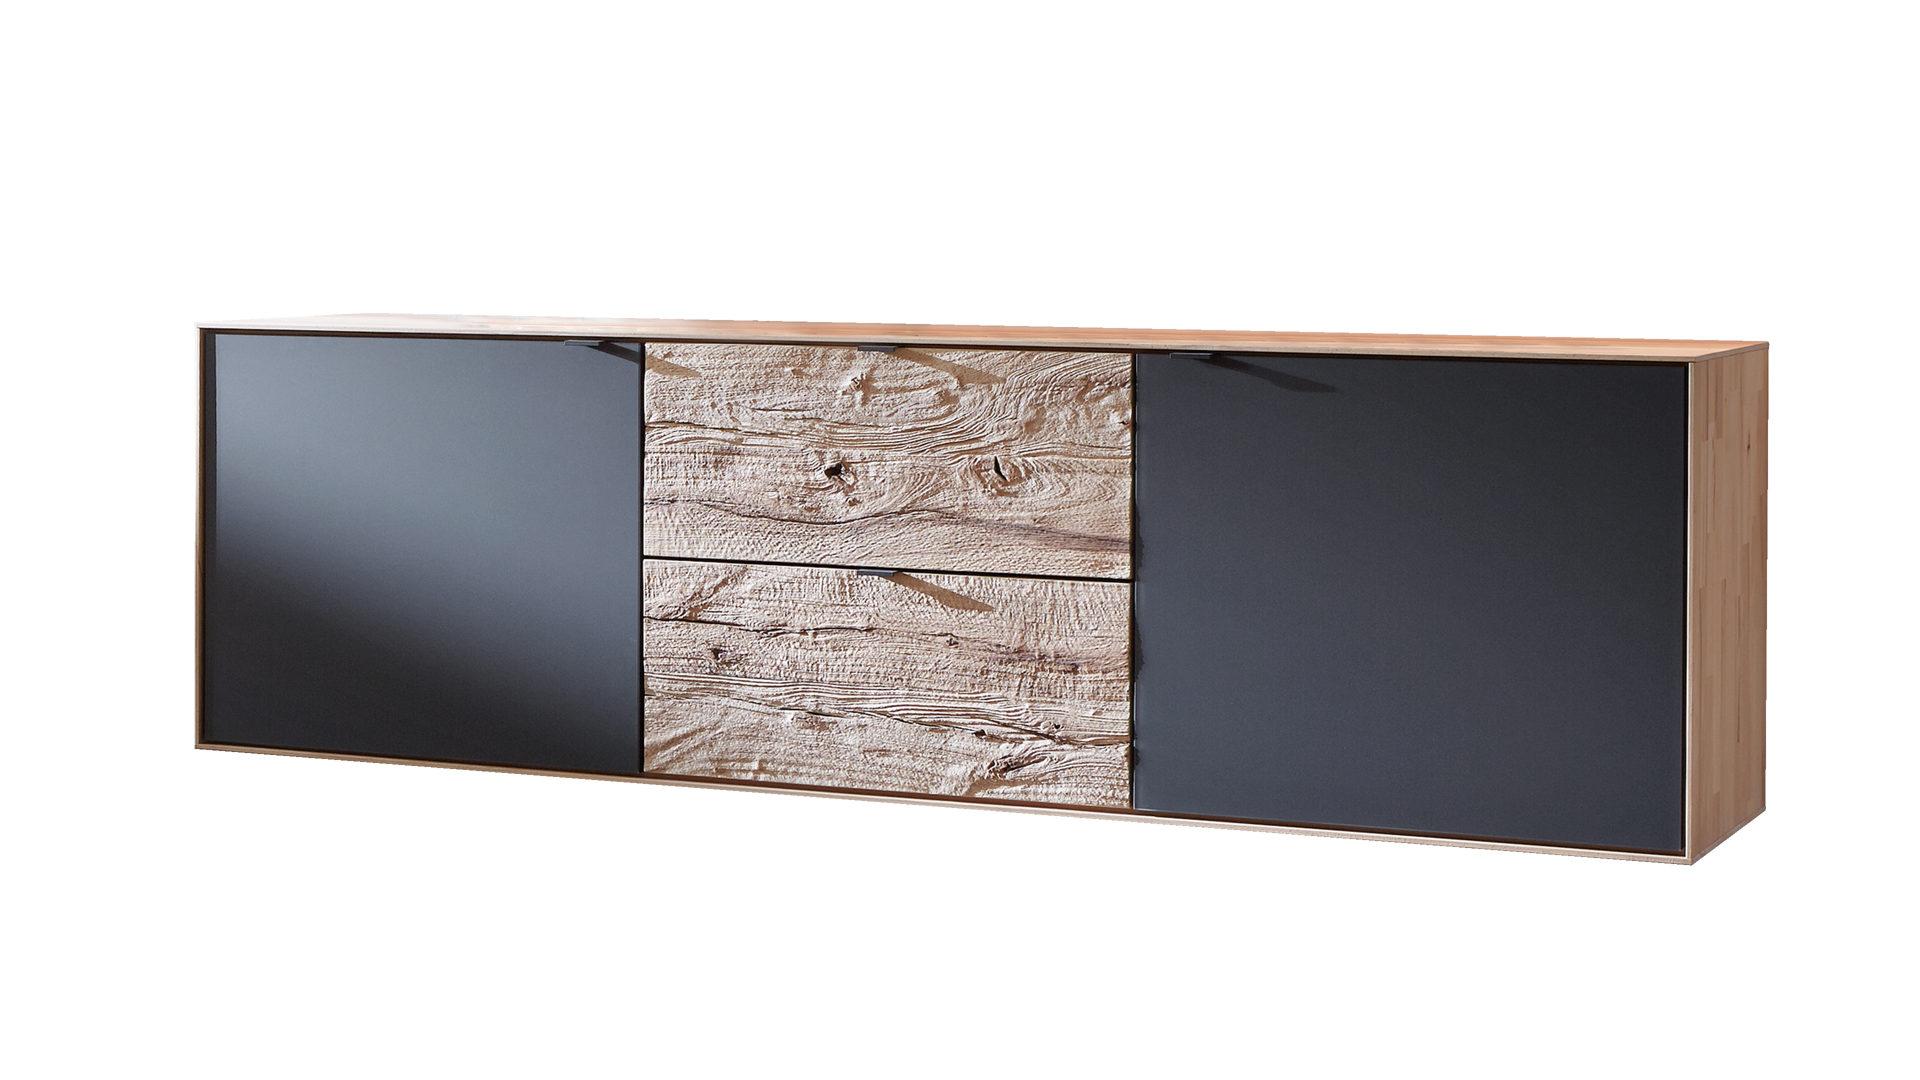 Sideboard Bzw Kommode Gebürstete Riffbuche Anthrazitfarbene